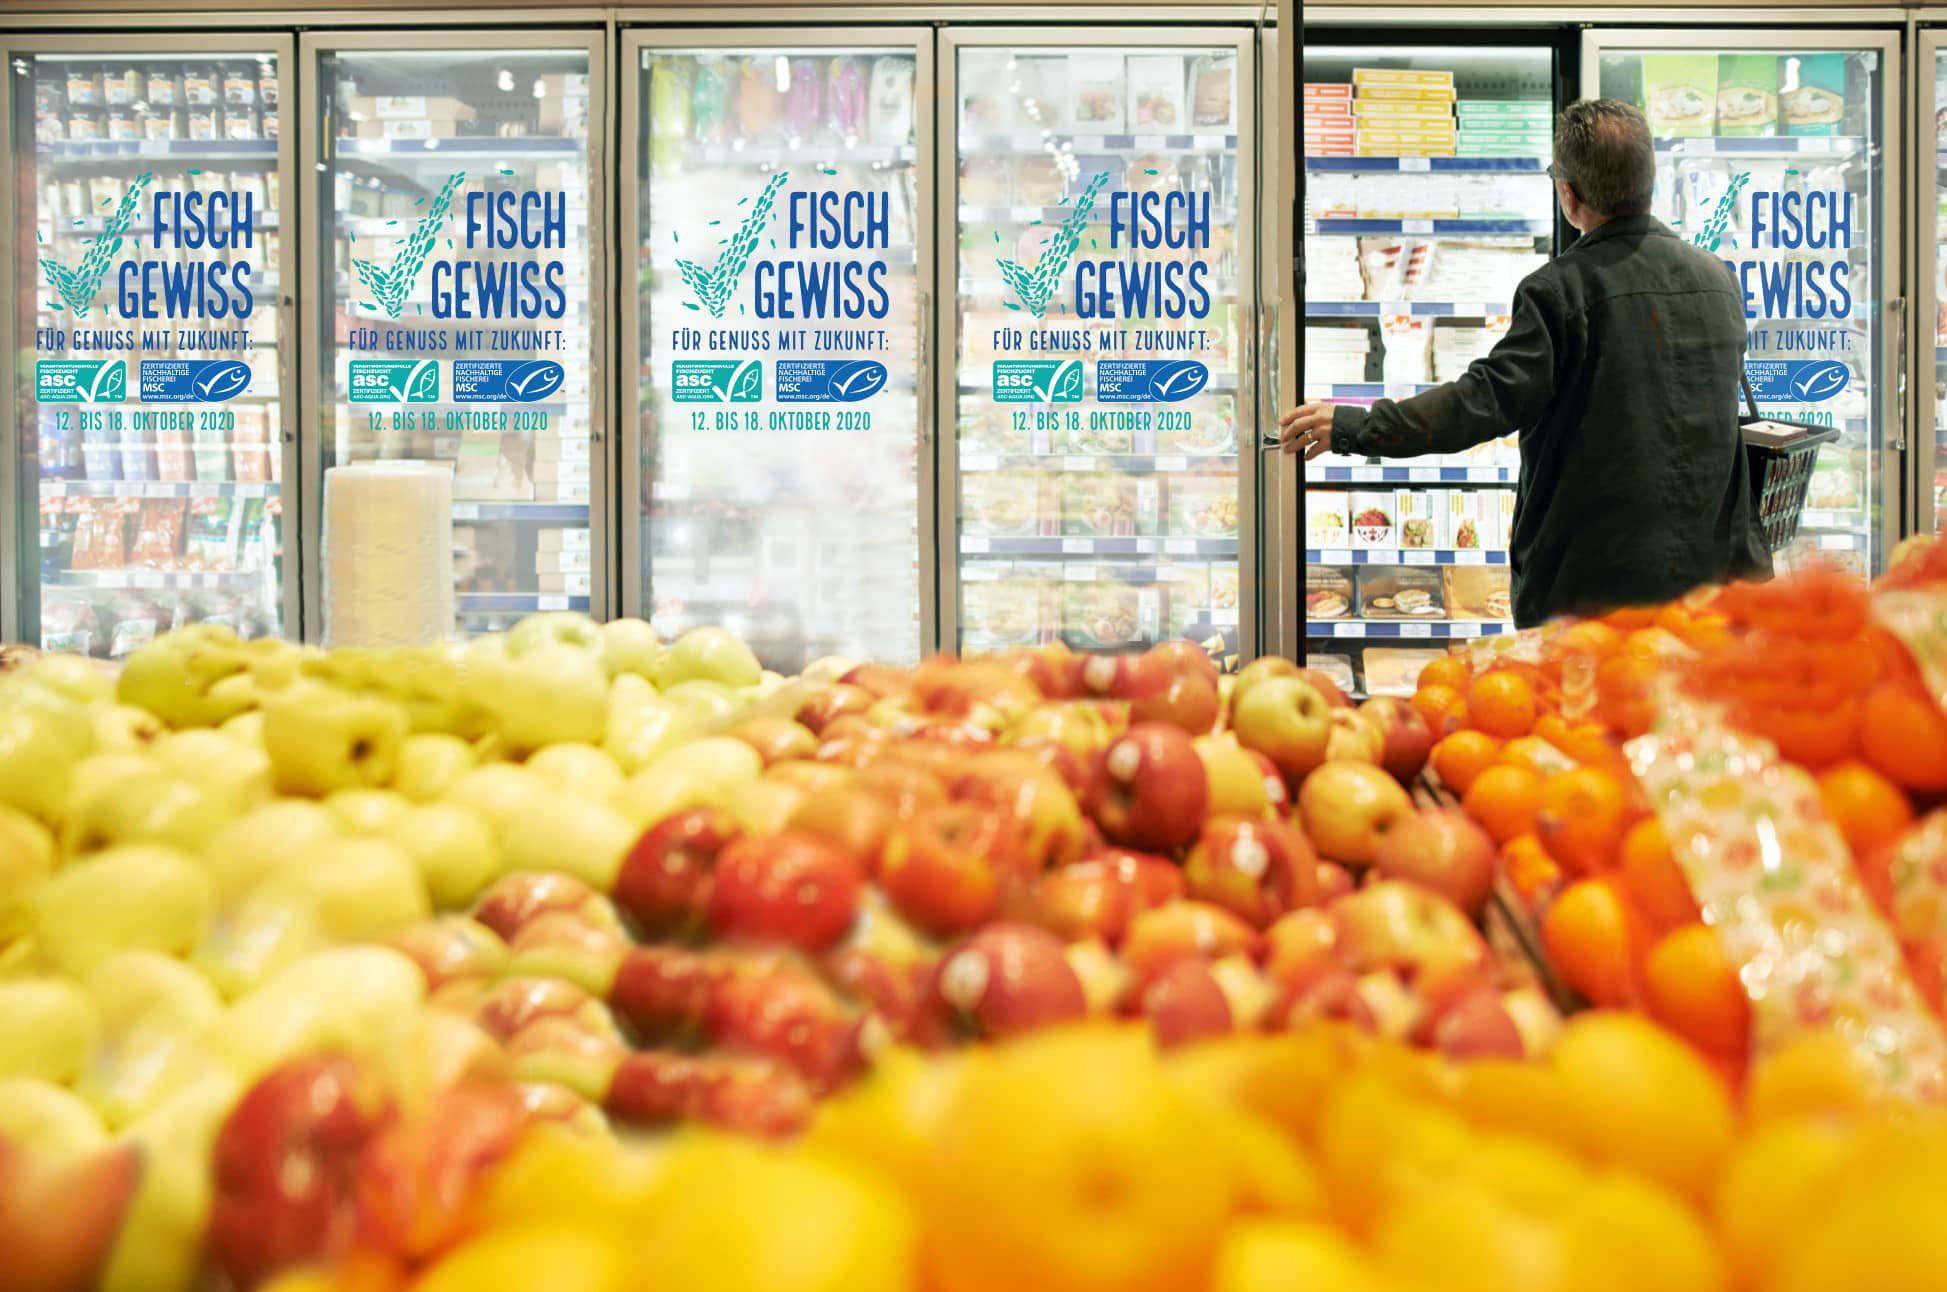 Aktionswoche FischGewiss im Supermarkt